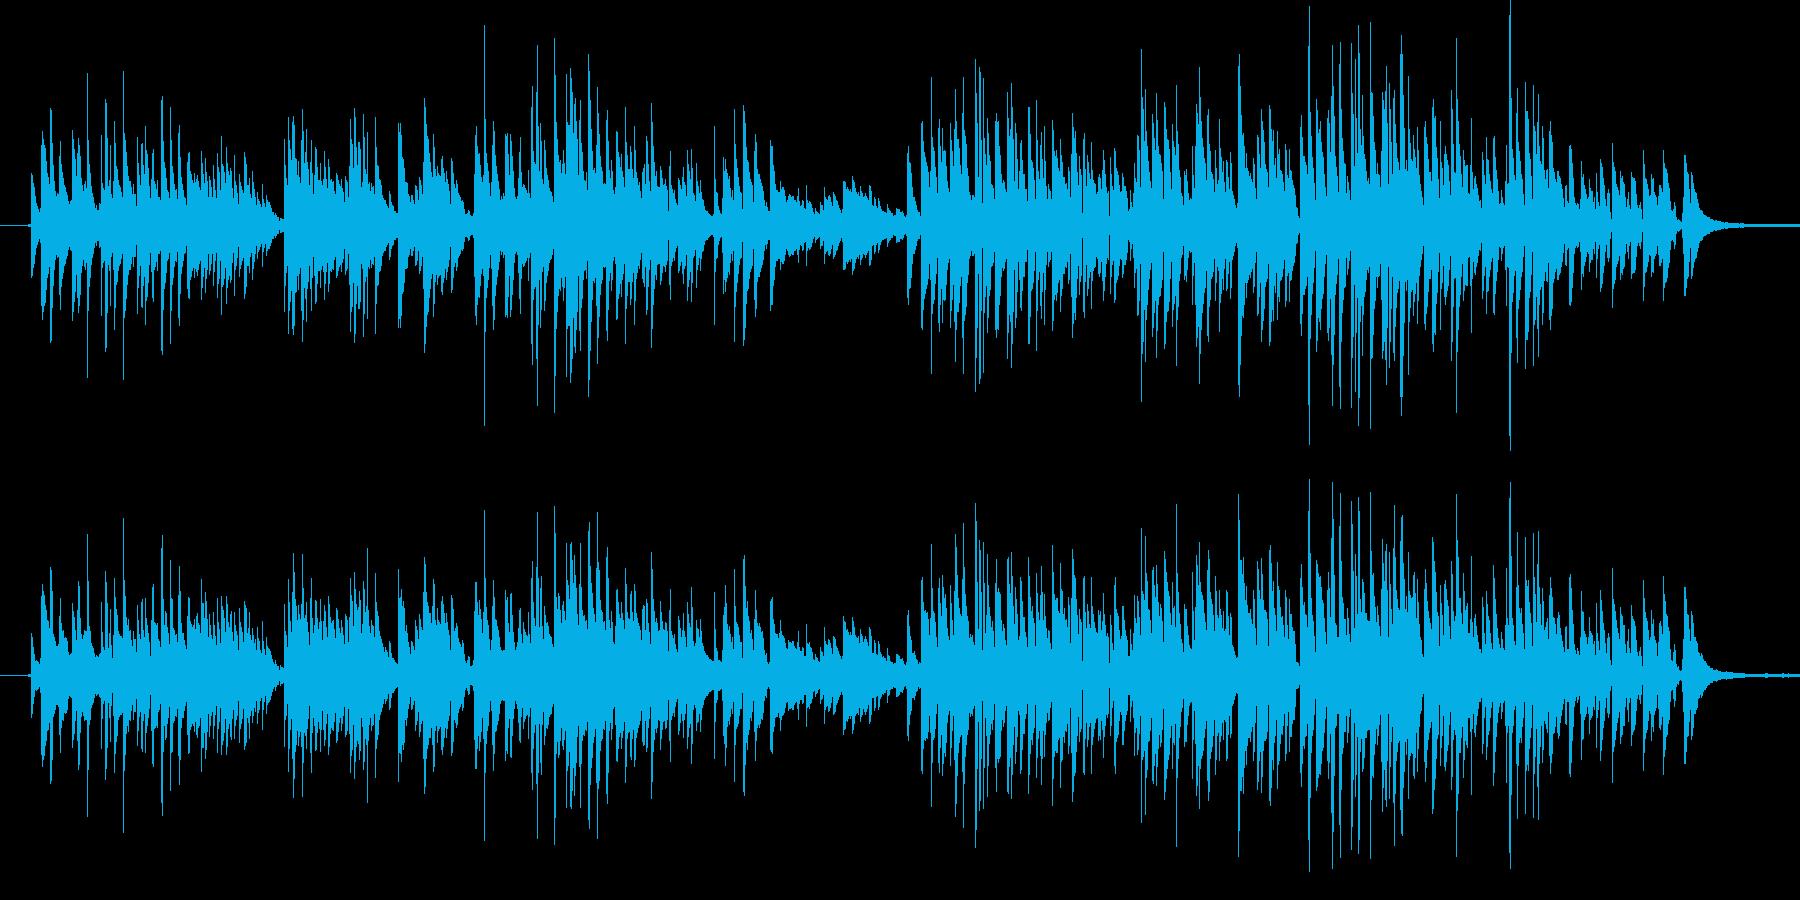 ギターデュオの録音です。さりげなく、カ…の再生済みの波形